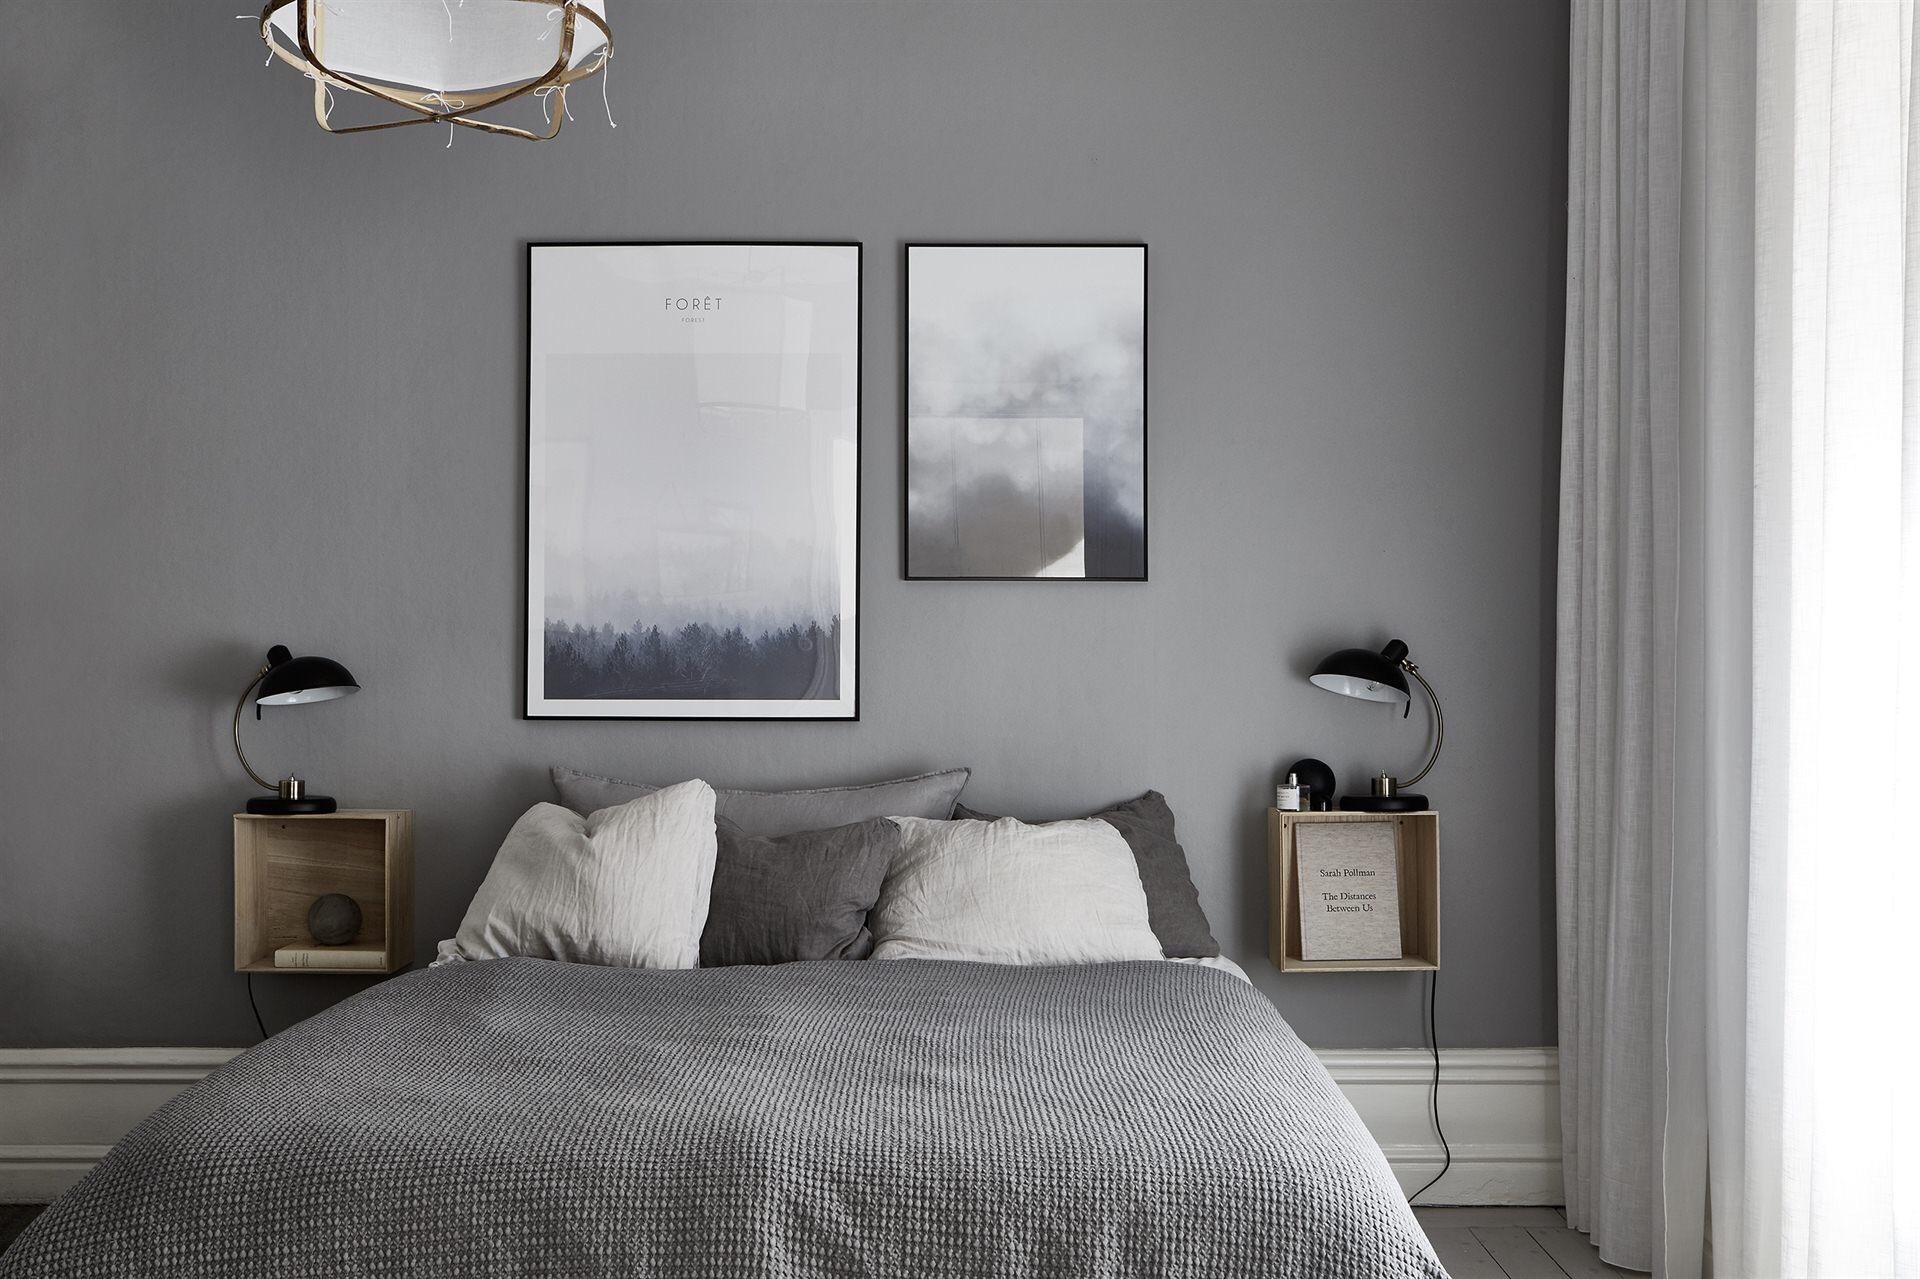 спальня серые стены высокий белый плинтус кровать прикроватные полки лампы